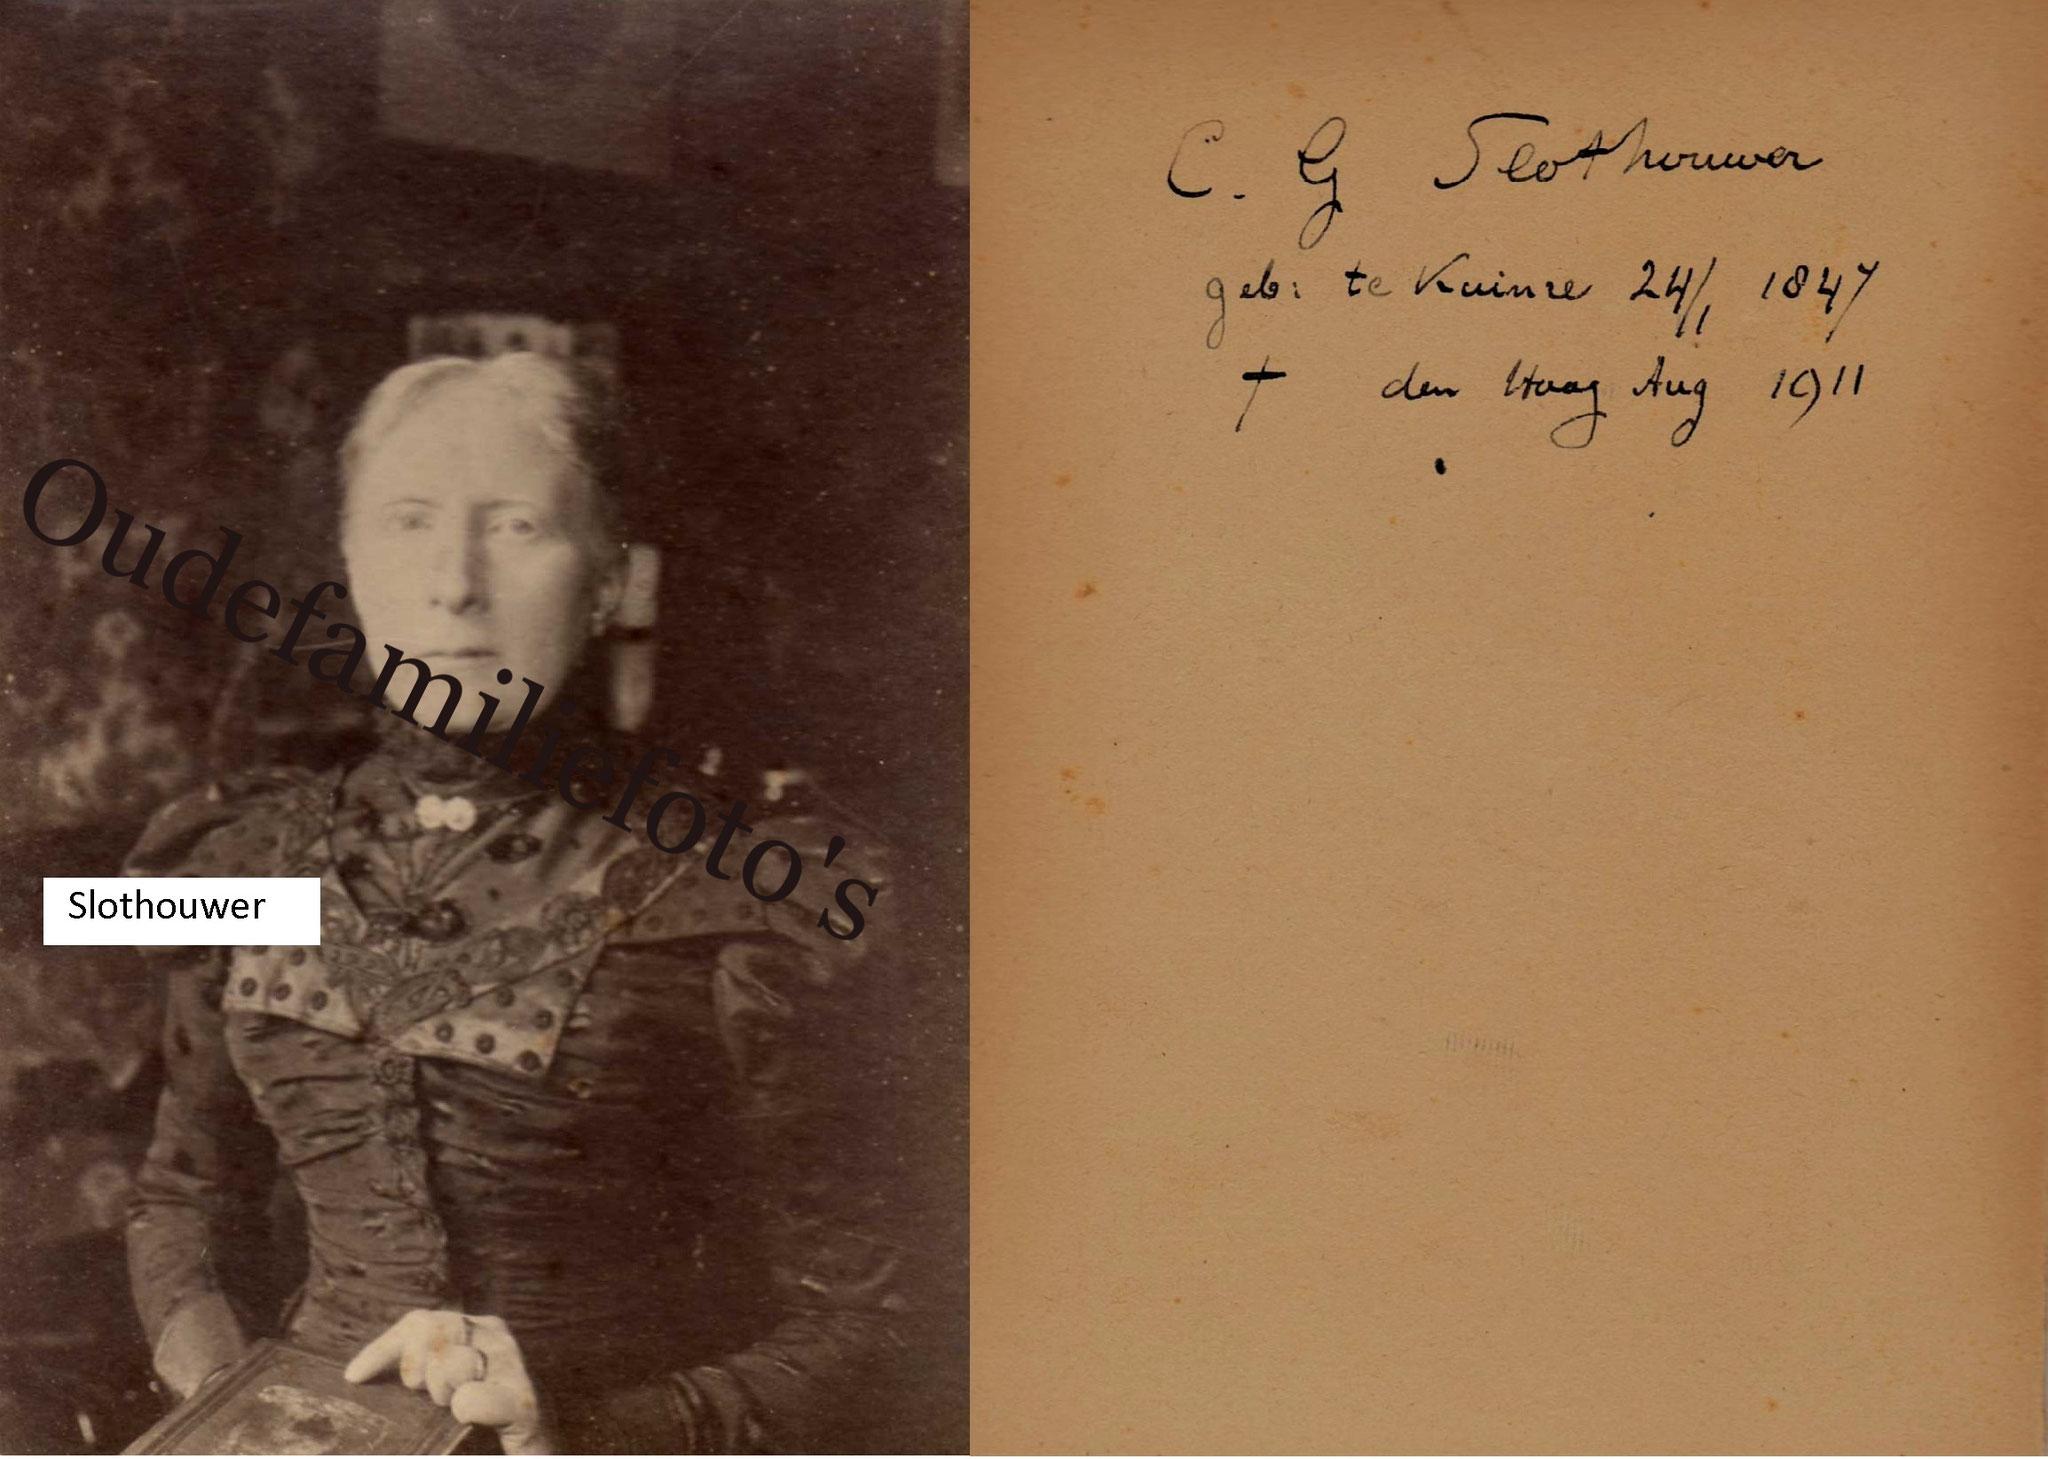 Slothouwer, Cornelia Geertruida. Geb. 24-1-1847 Kruinre Ovl 28-7-1911 Den-Haag. € 4,00